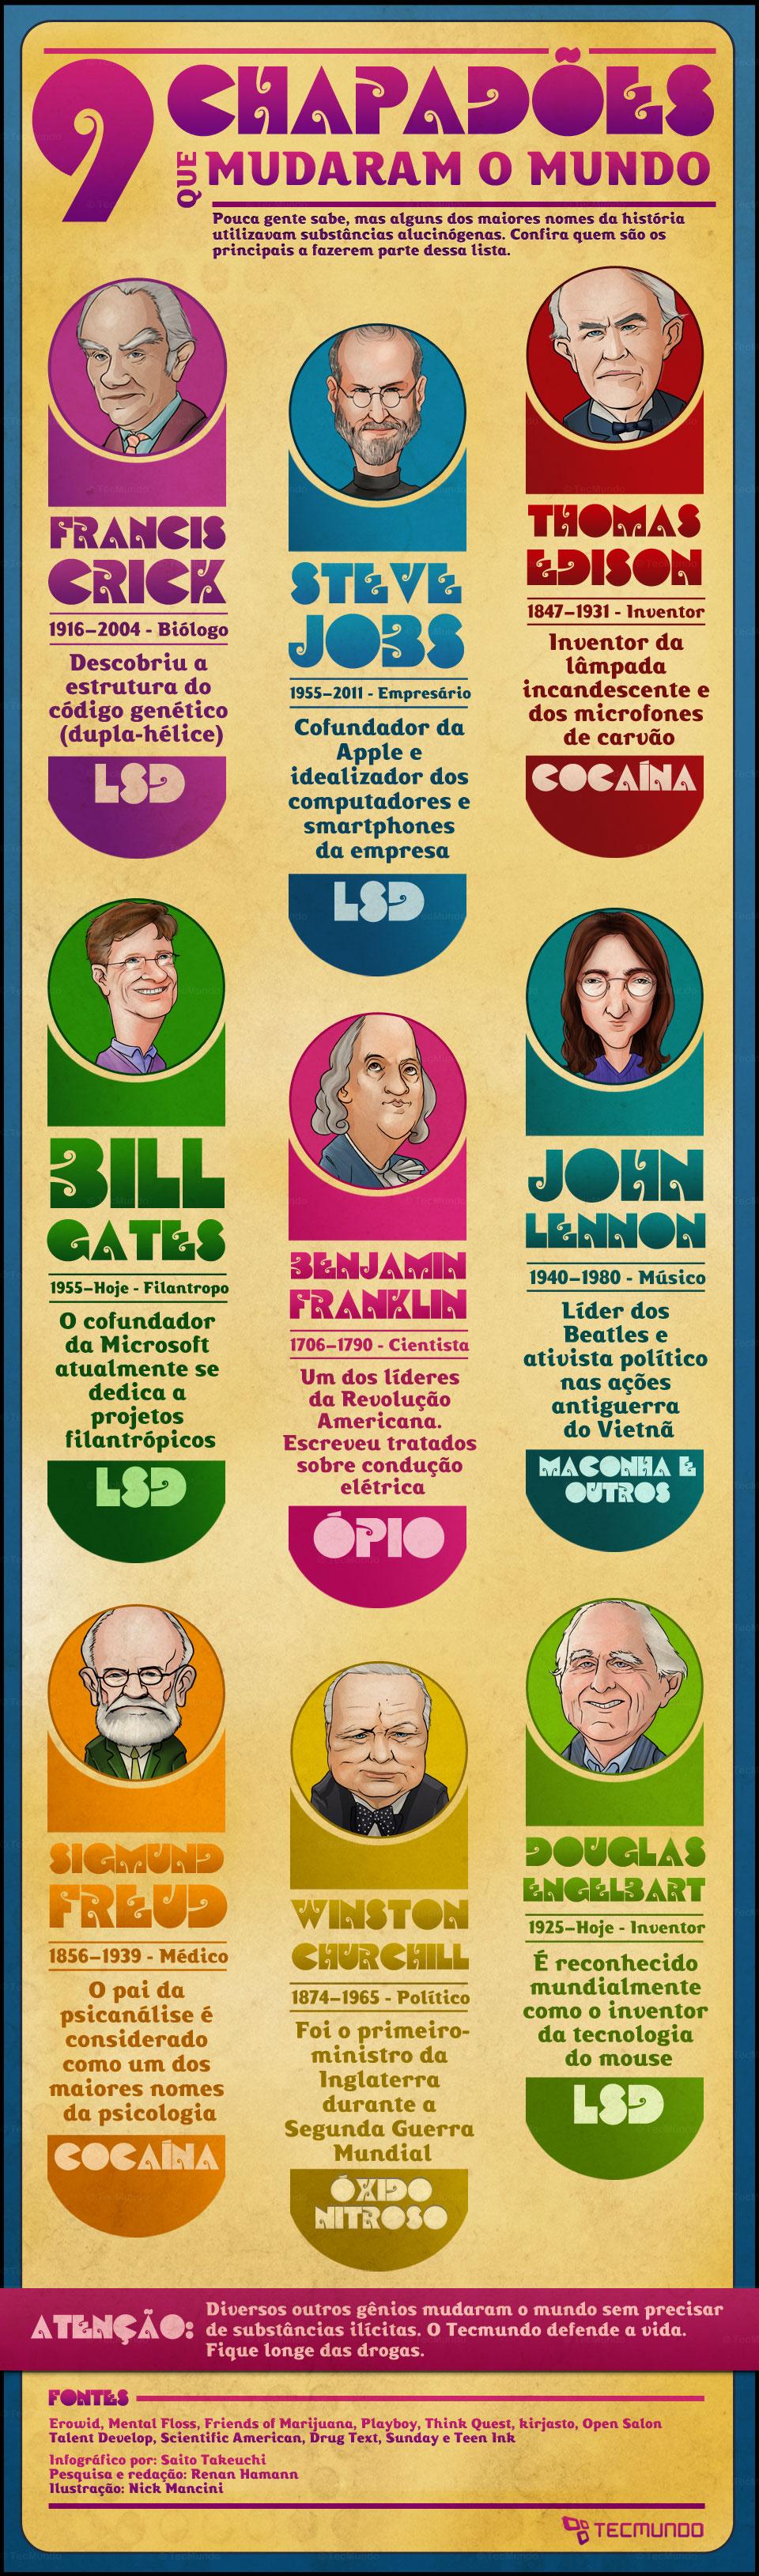 Infográfico - 9 gênios chapadões que mudaram o mundo [infográfico]